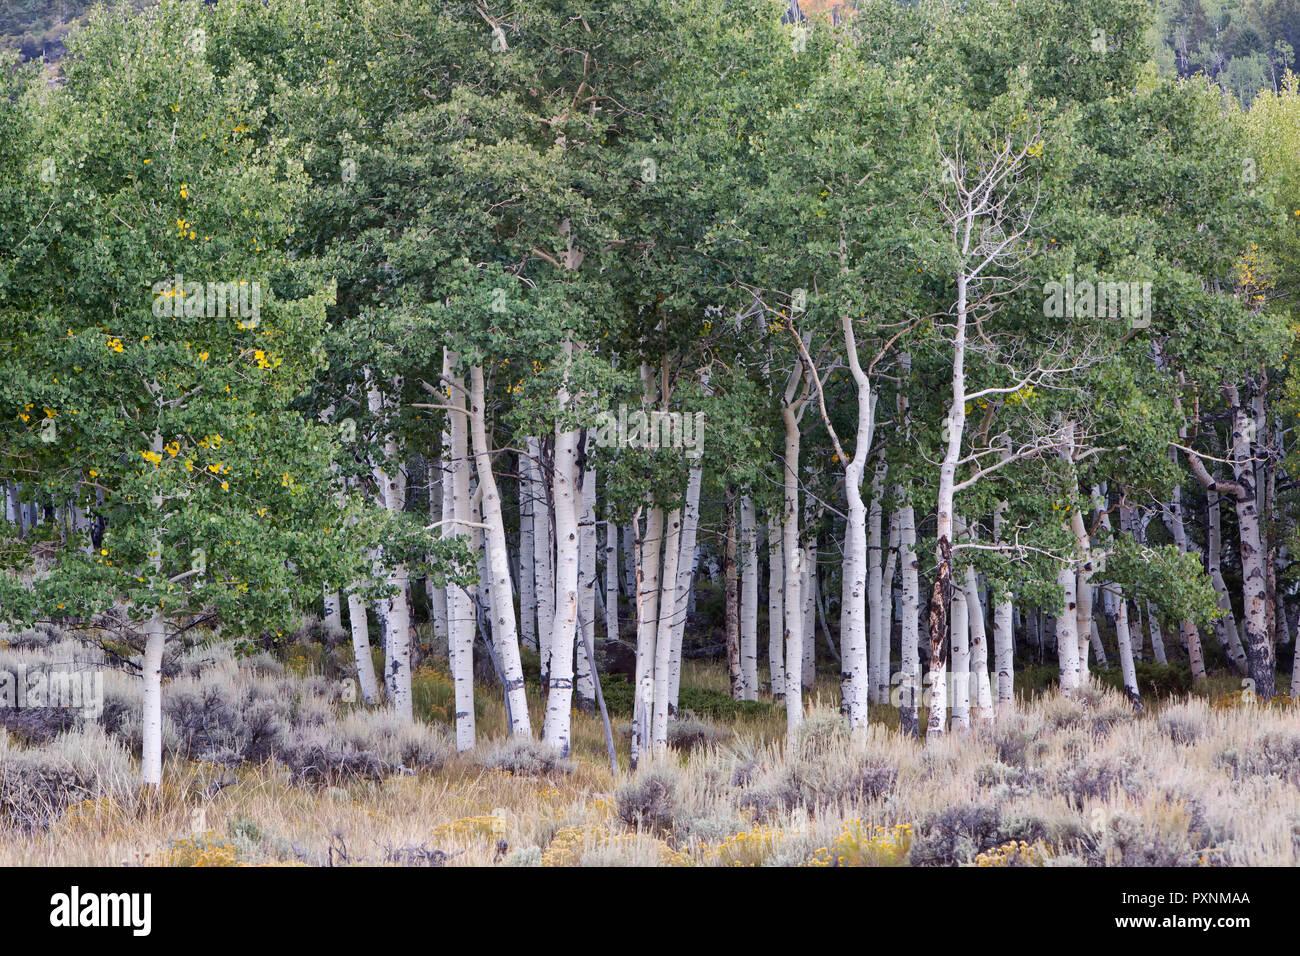 """Beben Aspen Grove"""" Pando Klon"""", auch als Zittern Riese, klonale Kolonie eines einzelnen männlichen Beben Aspen bekannt. Stockbild"""